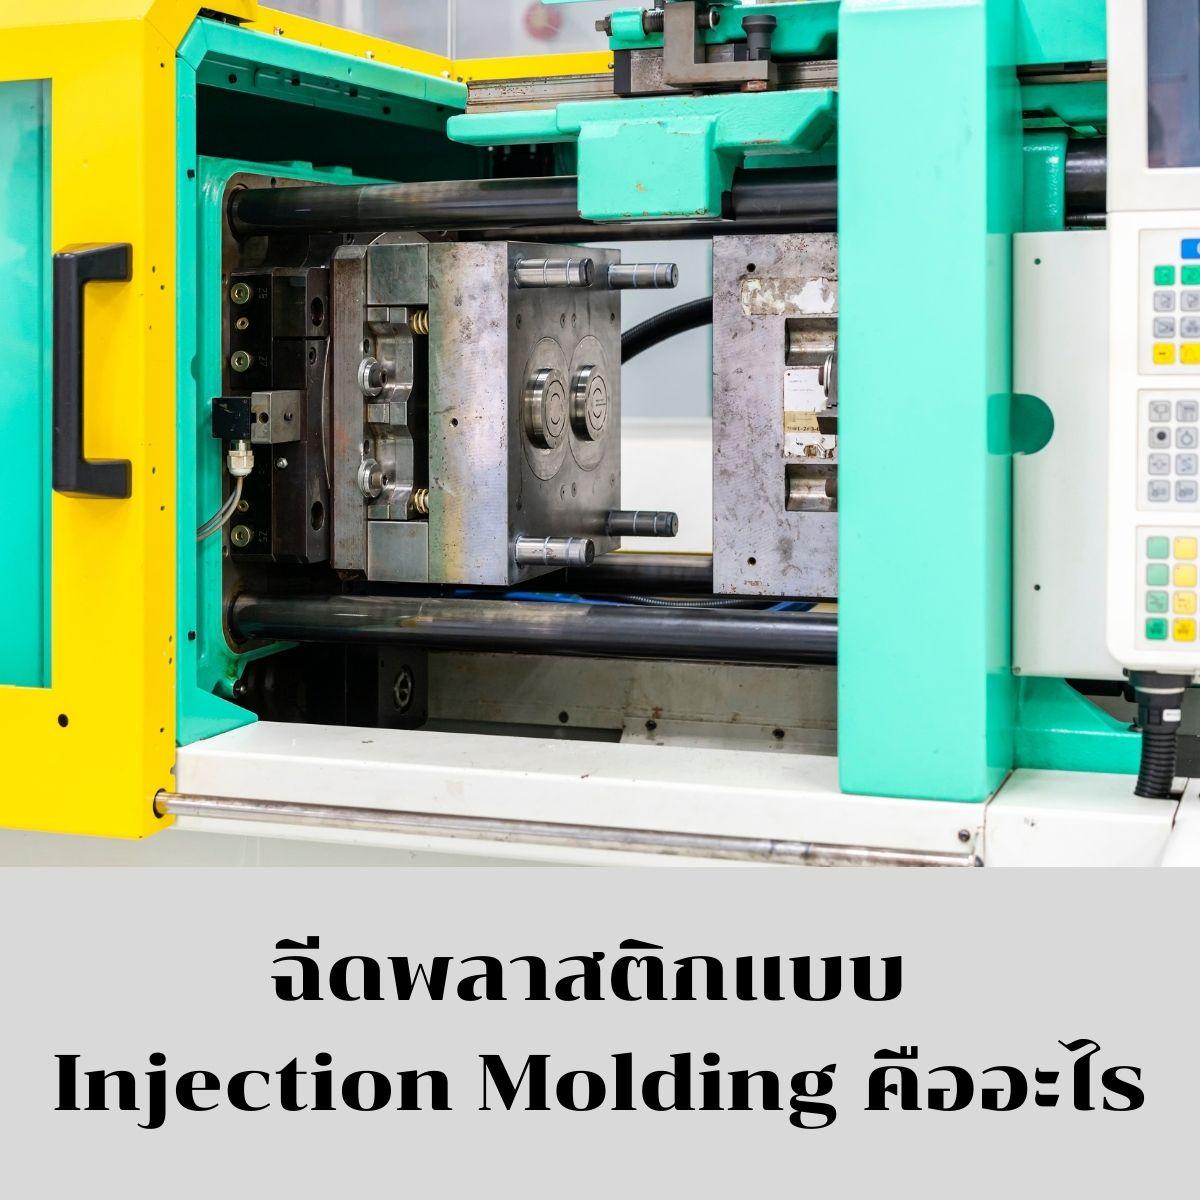 ฉีดพลาสติกแบบ Injection Molding คืออะไร